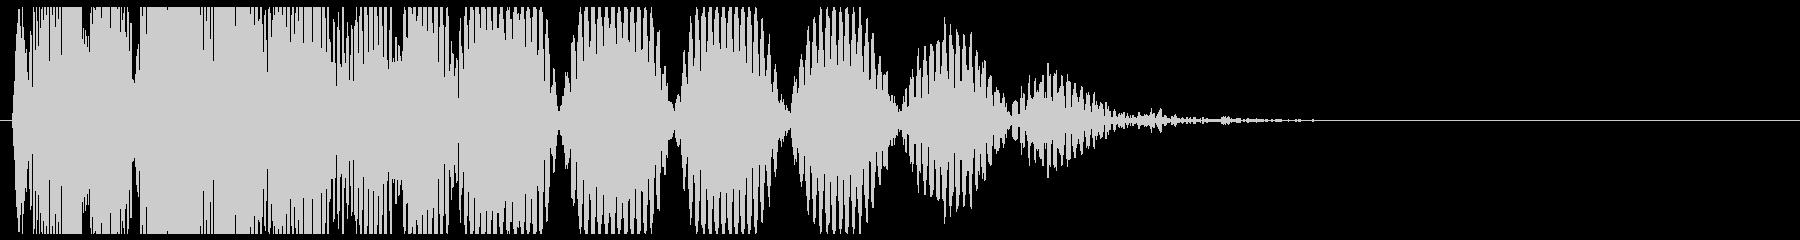 爆発・衝撃波・ソニックブーム12の未再生の波形